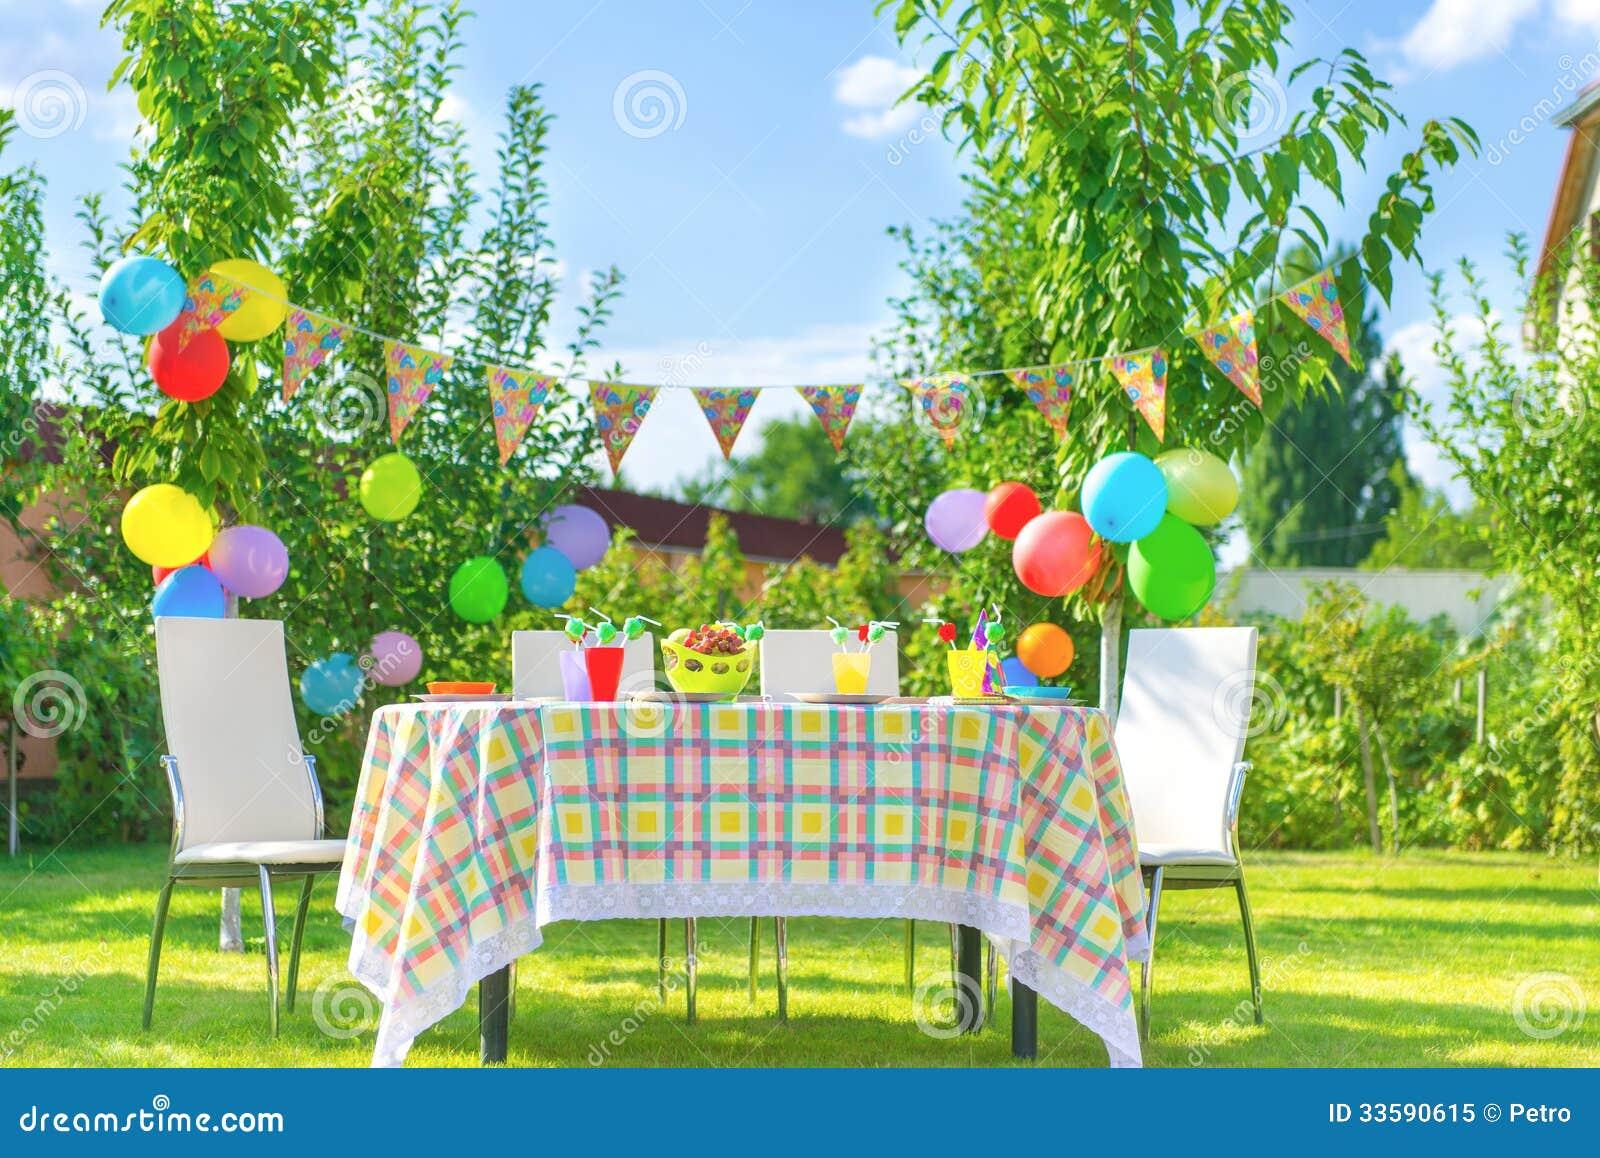 Сценарий дня рождения девушке на природе